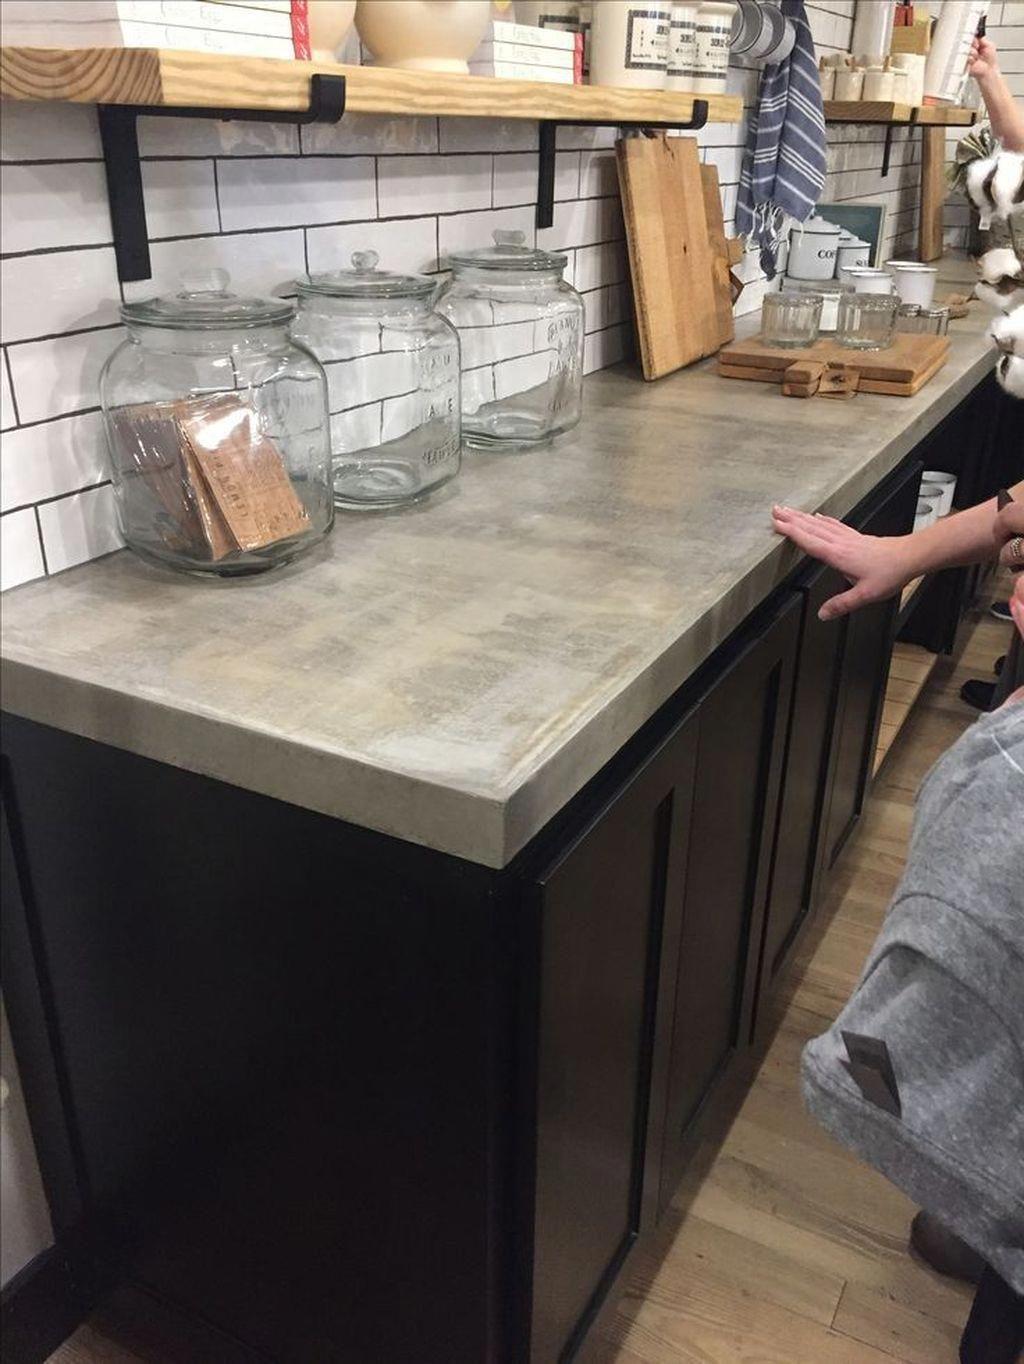 7 Kitchen Design Ideas Cocina De Concreto Cocinas Cocina De